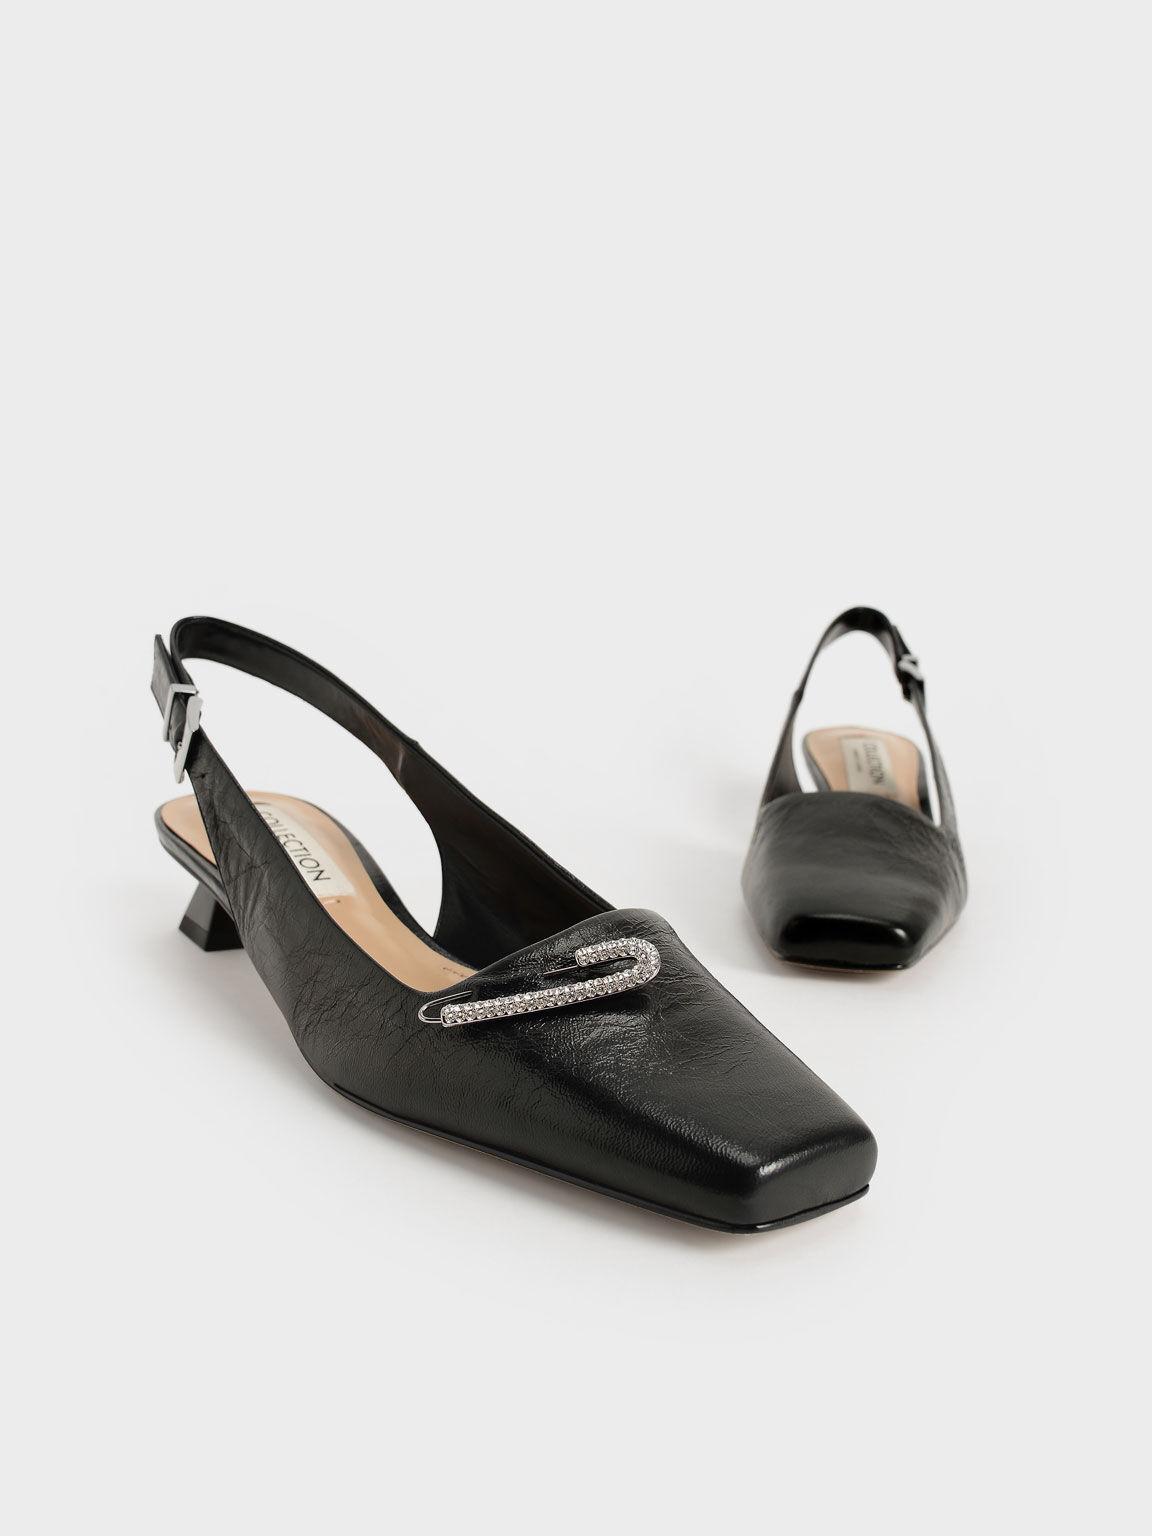 Gem-Embellished Leather Slingback Pumps, Black, hi-res